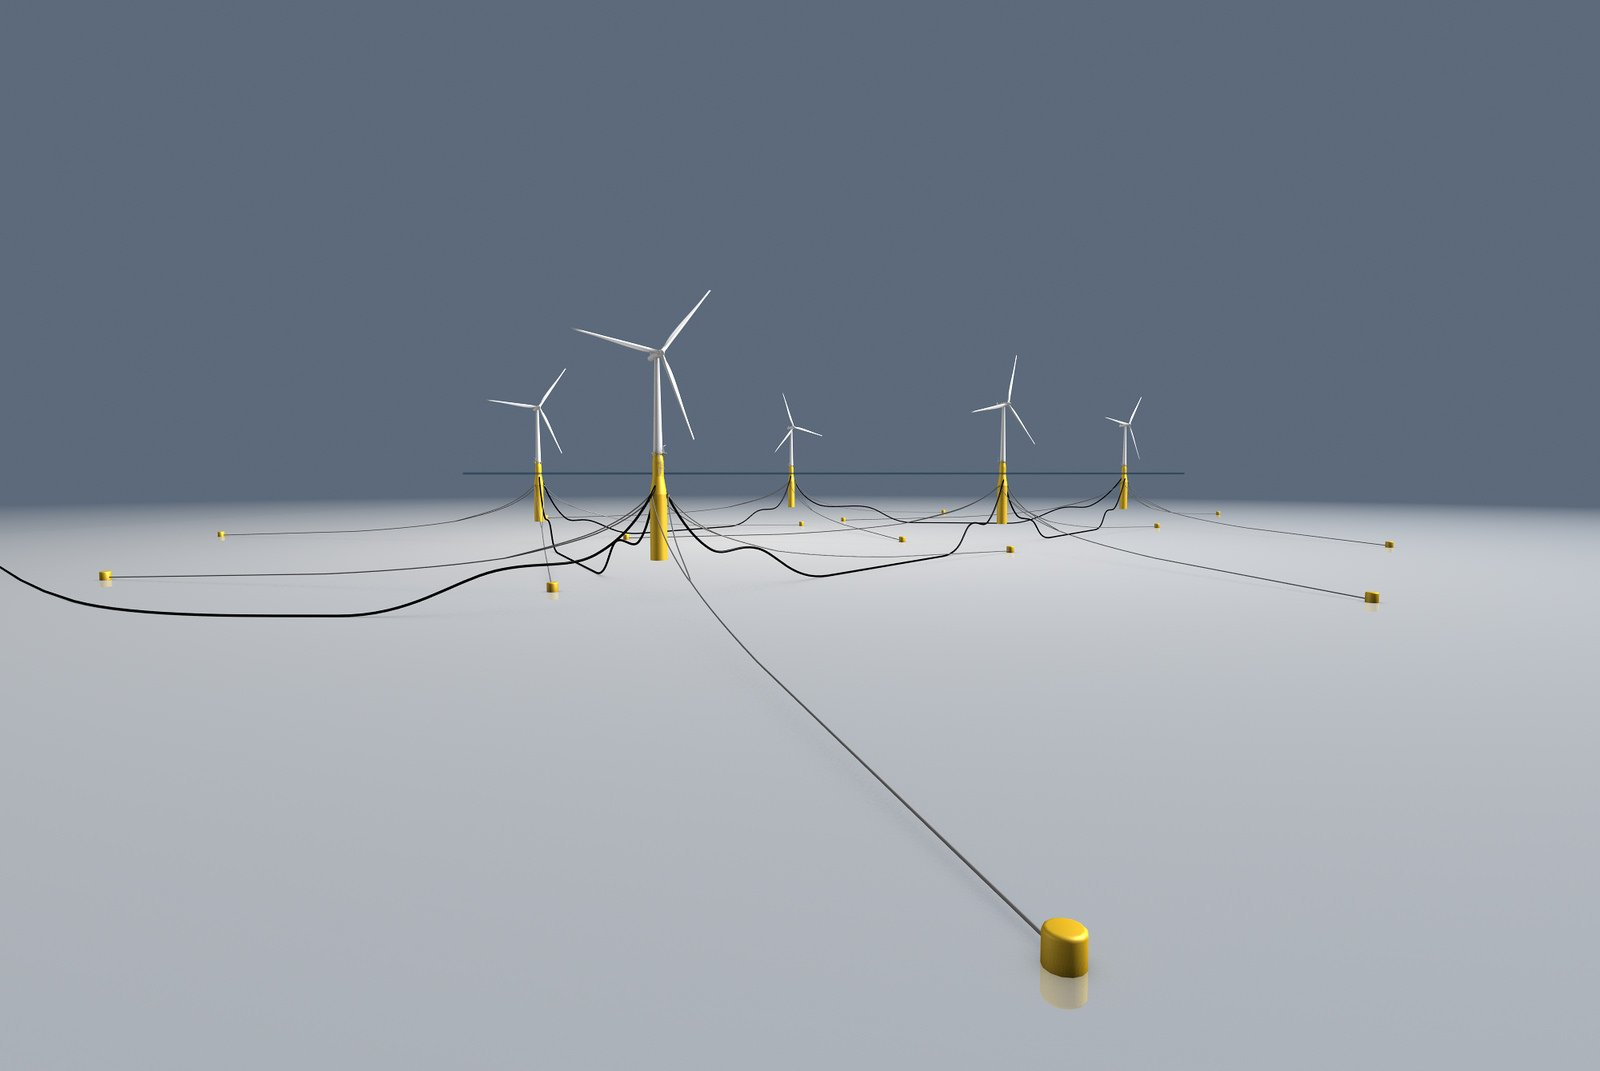 Die schwimmenden Windräder im Windpark Hywind werden über Stahlseile miteinander verbunden. Zugleich werden sie an Pfählen fixiert, die im Meeresboden verankert sind.